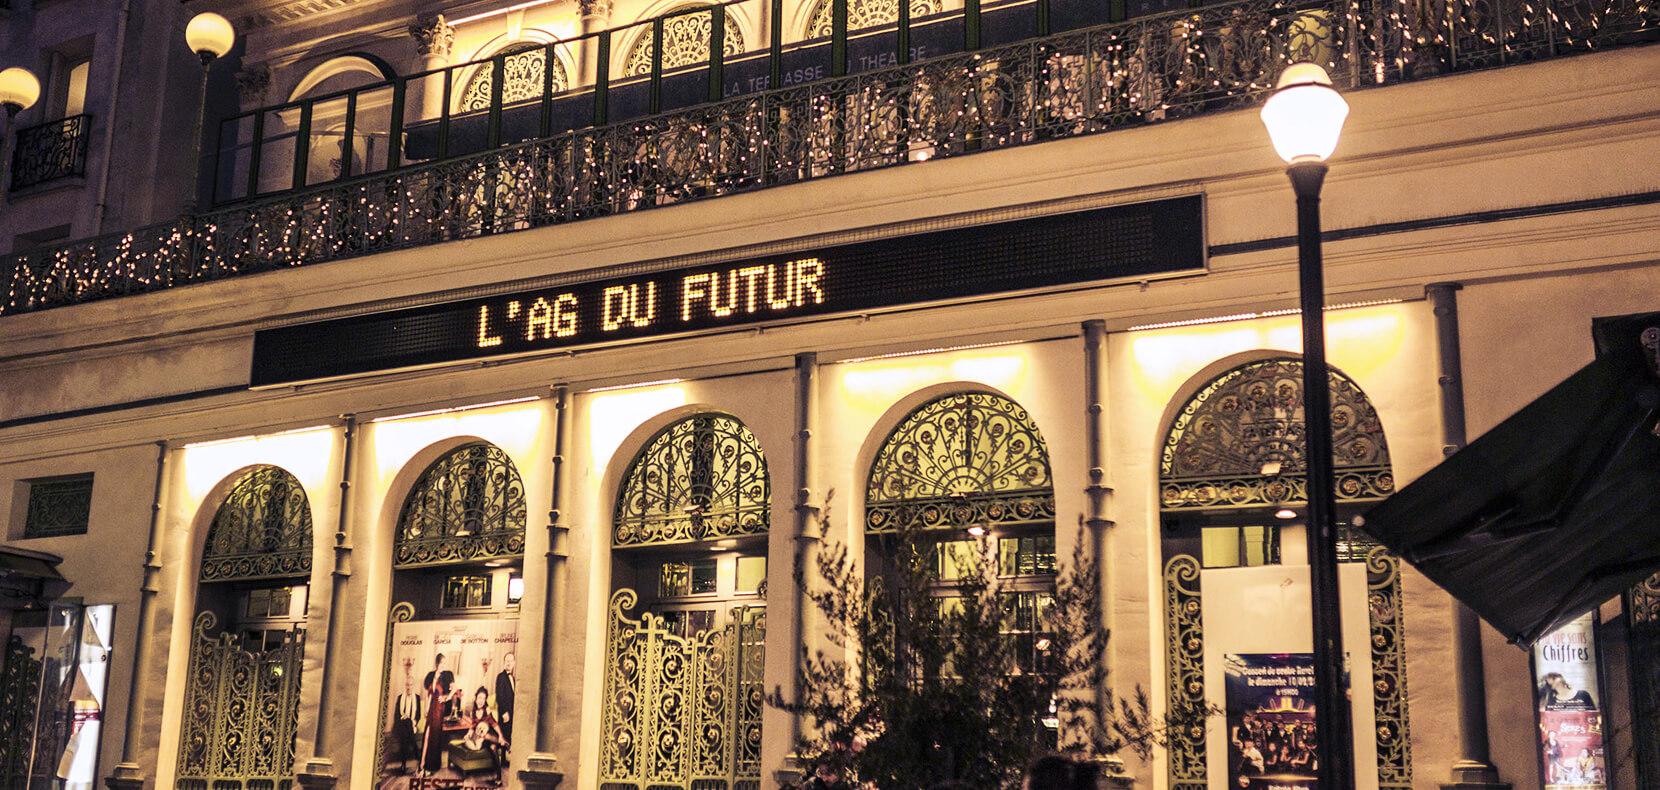 Théâtre du Gynmase pour AG du Futur